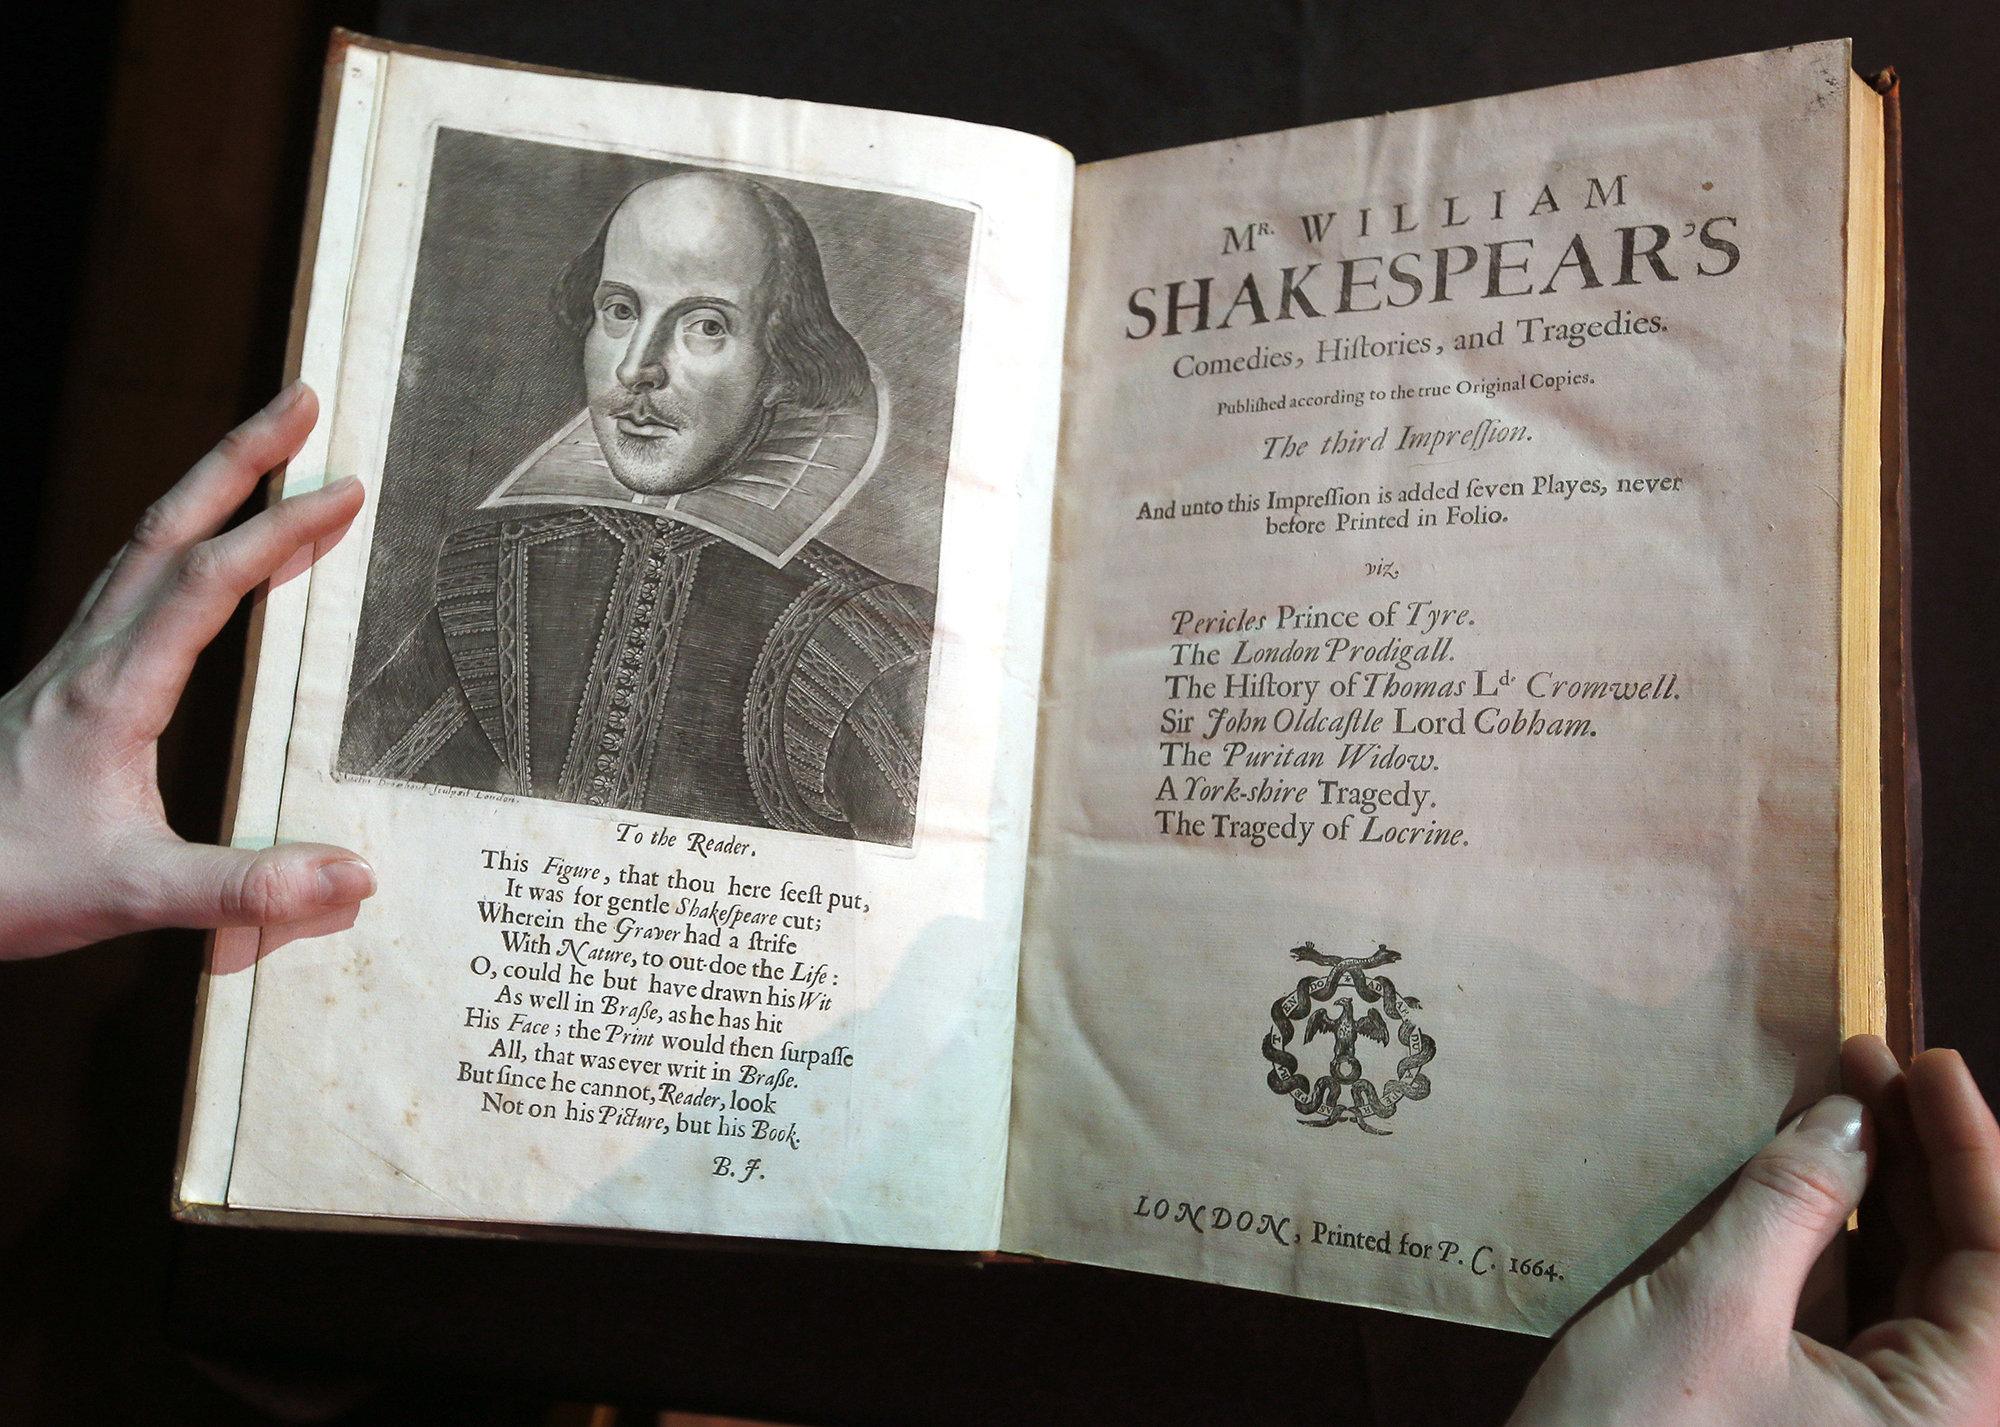 Британия и Россия приходят к взаимопониманию благодаря … смерти Шекспира